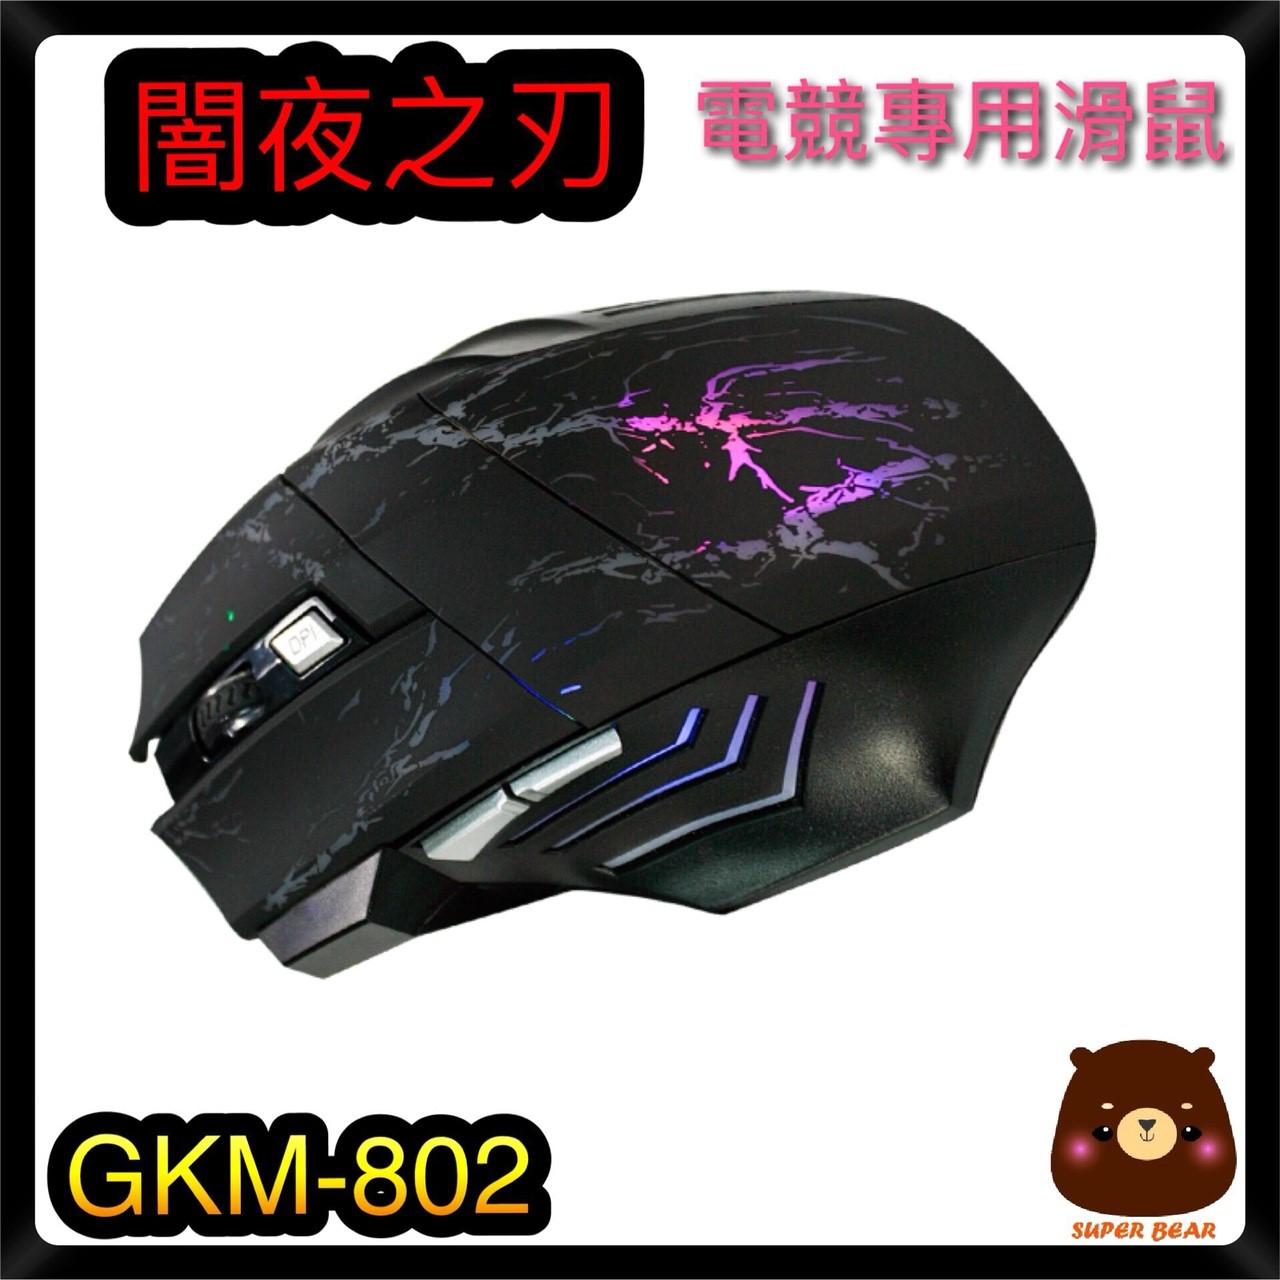 滑鼠 耐嘉 KINYO GKM-802 闇夜之刃電競專用滑鼠 電腦周邊 電競周邊 電競滑鼠 有線滑鼠 USB接頭 1